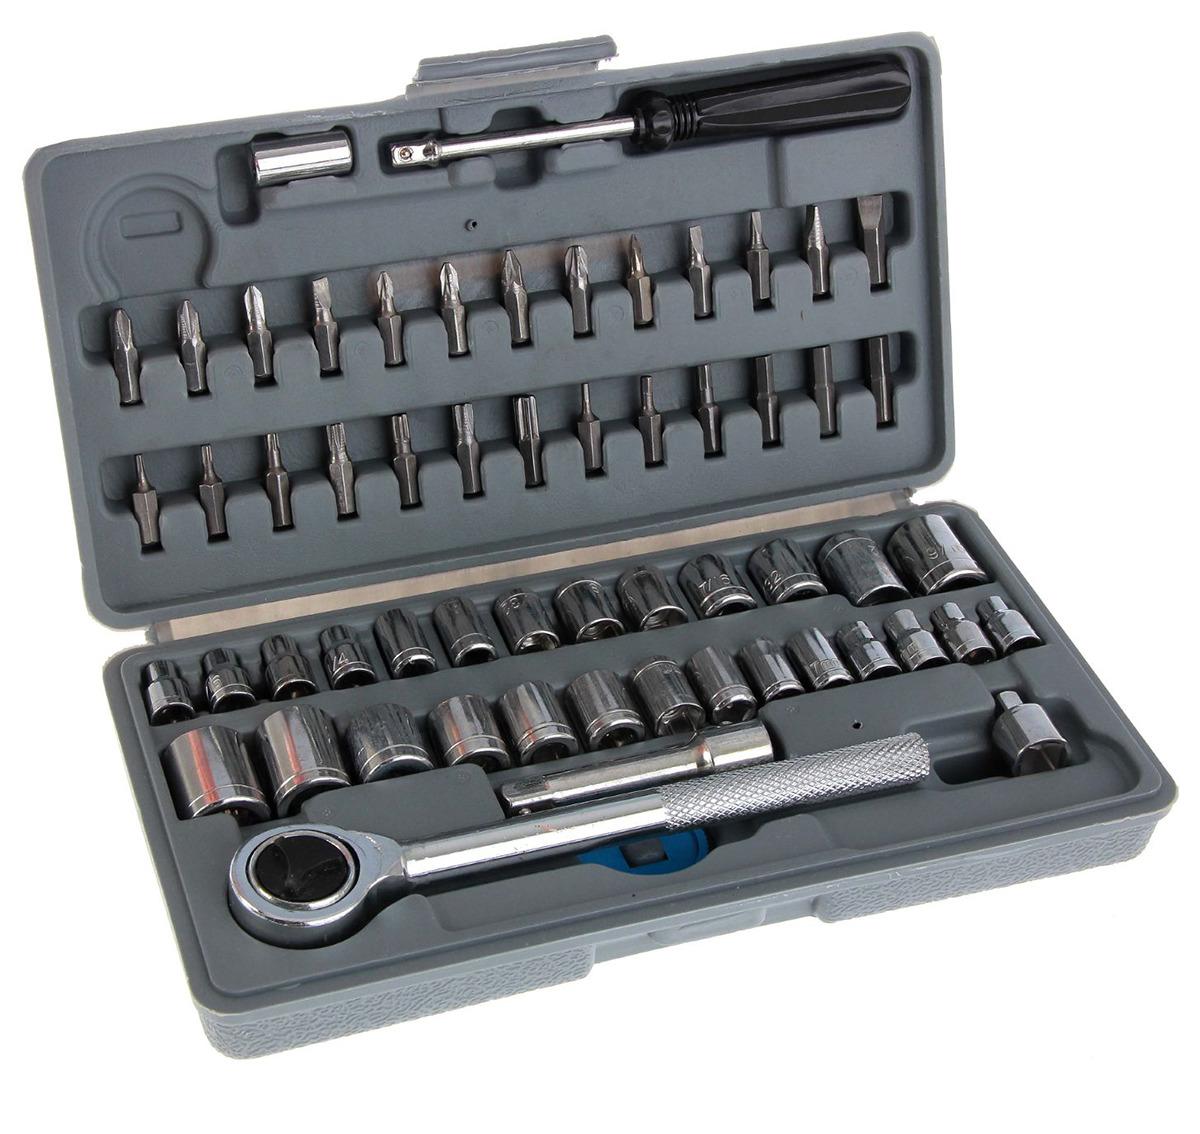 Набор инструментов Tundra Basic, универсальный, в кейсе, 881853, 60 предметов набор торцевых головок и бит stels 1 4 57 предметов 14101